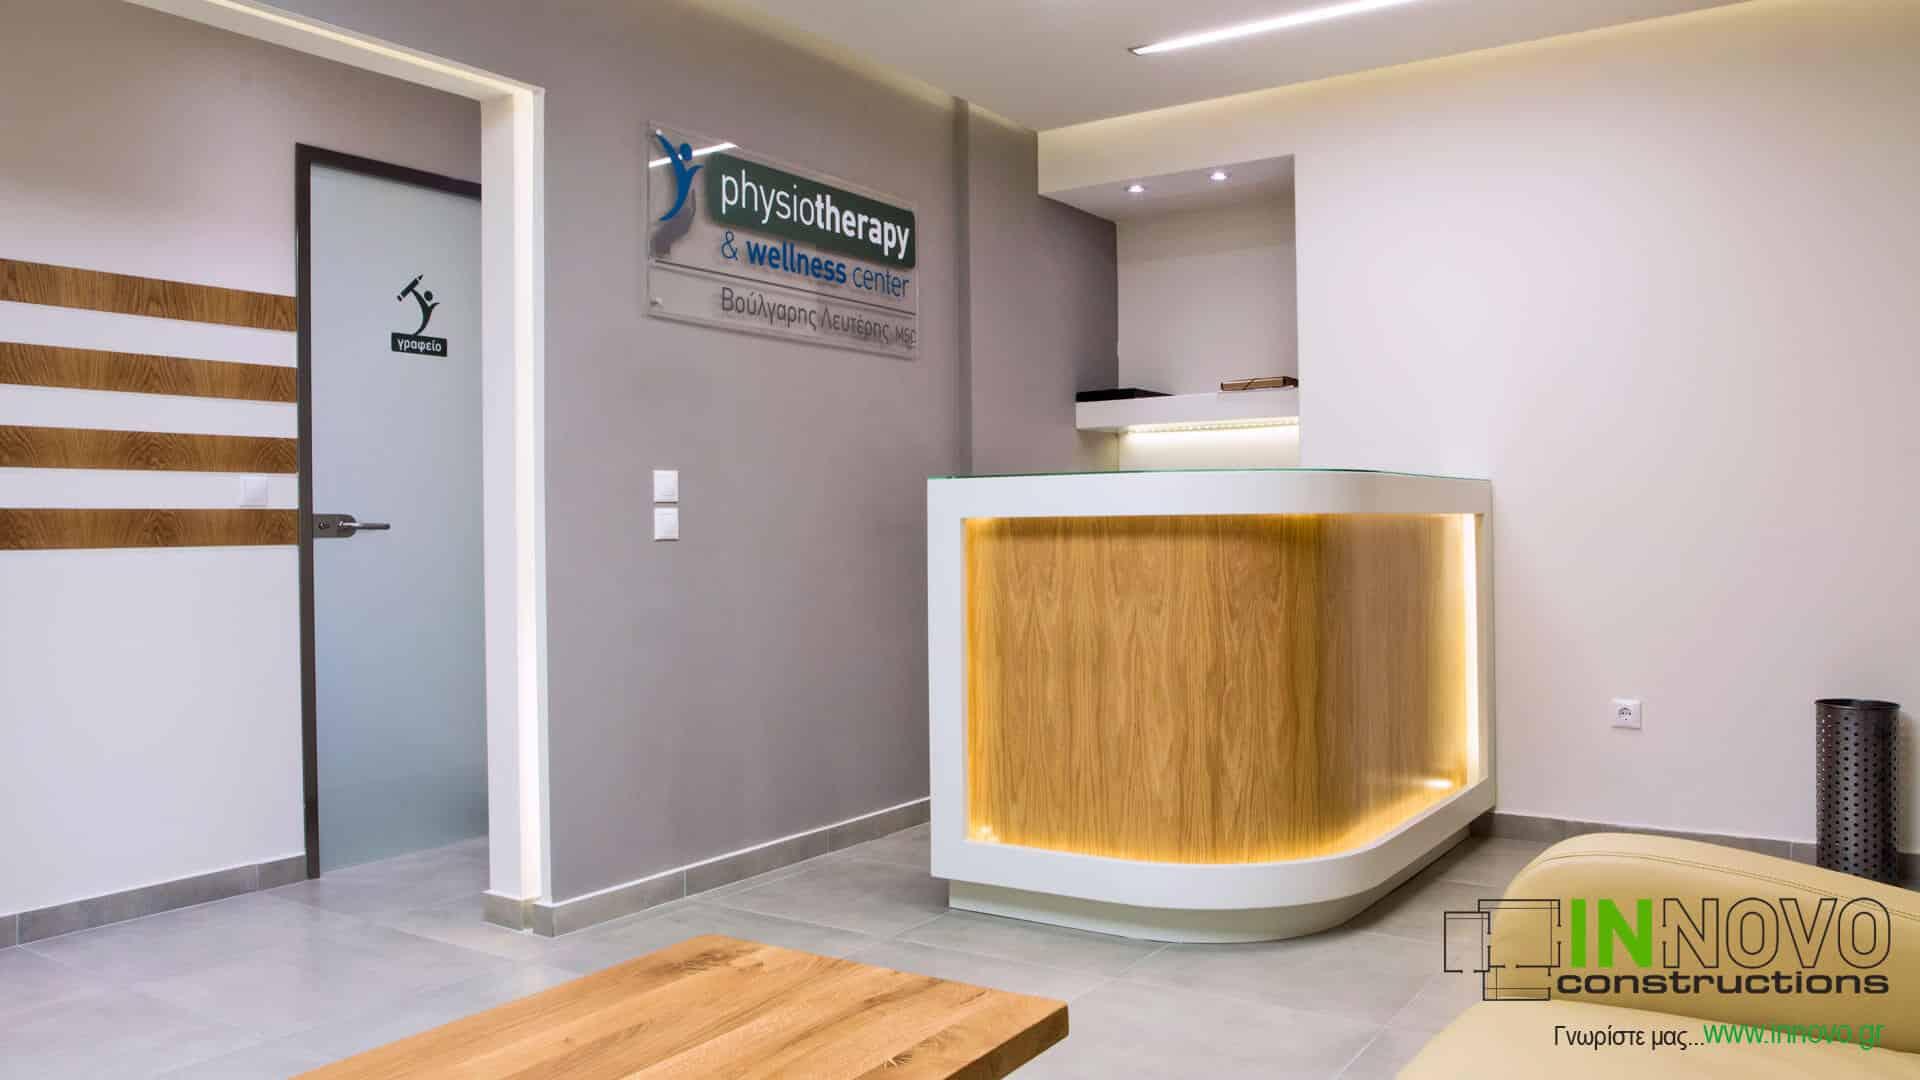 Ανακαίνιση Φυσικοθεραπευτηρίου στην Αγία Παρασκευή από την Constructions